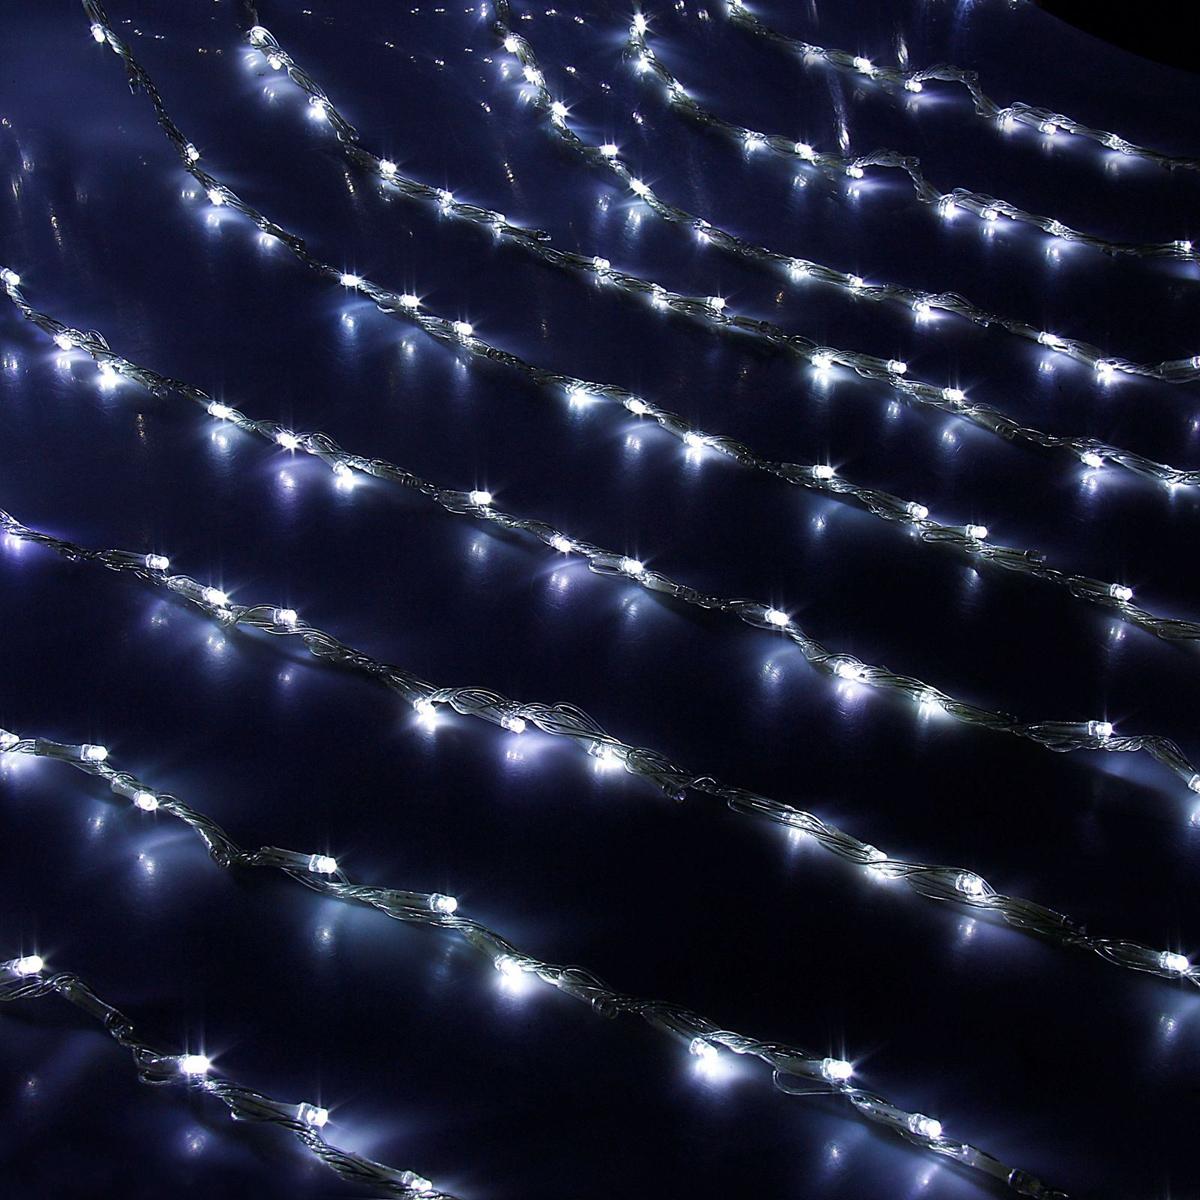 Гирлянда светодиодная Luazon Дождь, уличная, 8 режимов, 800 ламп, 220 V, цвет: белый, 2 х 3 м. 706344706344Светодиодные гирлянды, ленты и т.д — это отличный вариант для новогоднего оформления интерьера или фасада. С их помощью помещение любого размера можно превратить в праздничный зал, а внешние элементы зданий, украшенные ими, мгновенно станут напоминать очертания сказочного дворца. Такие украшения создают ауру предвкушения чуда. Деревья, фасады, витрины, окна и арки будто специально созданы, чтобы вы украсили их светящимися нитями.